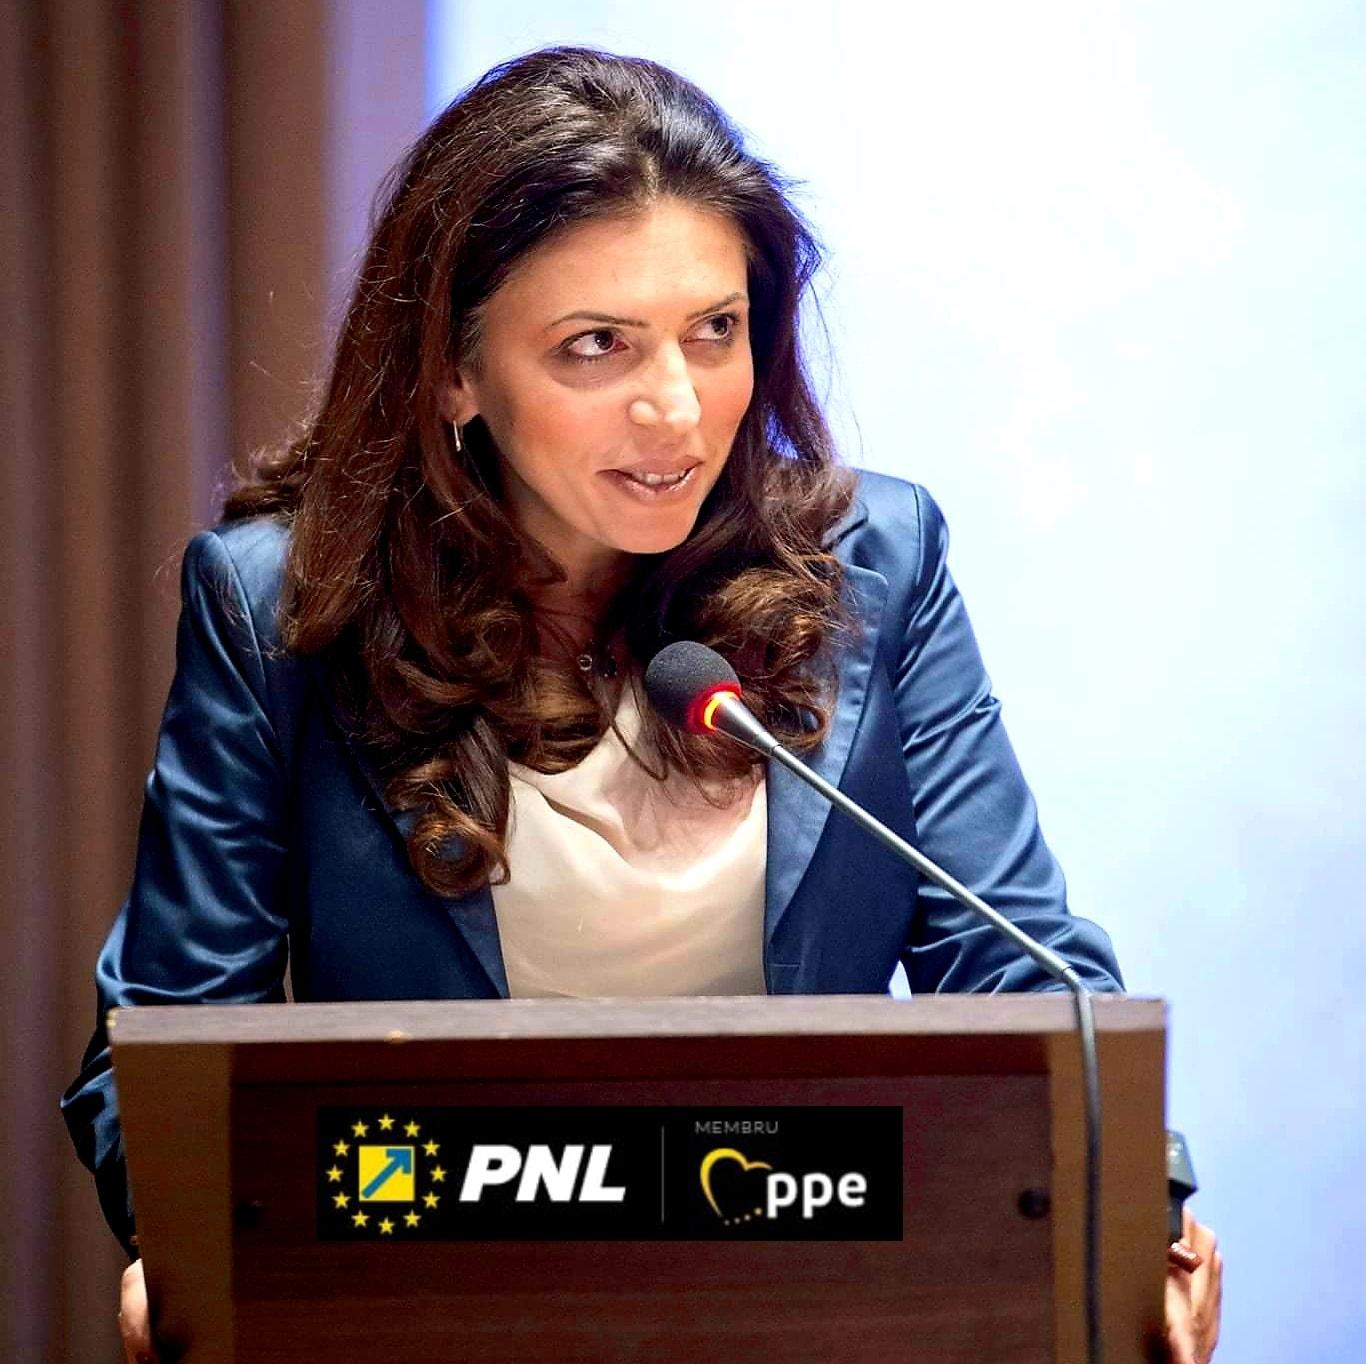 Claudia Mihaela Banu